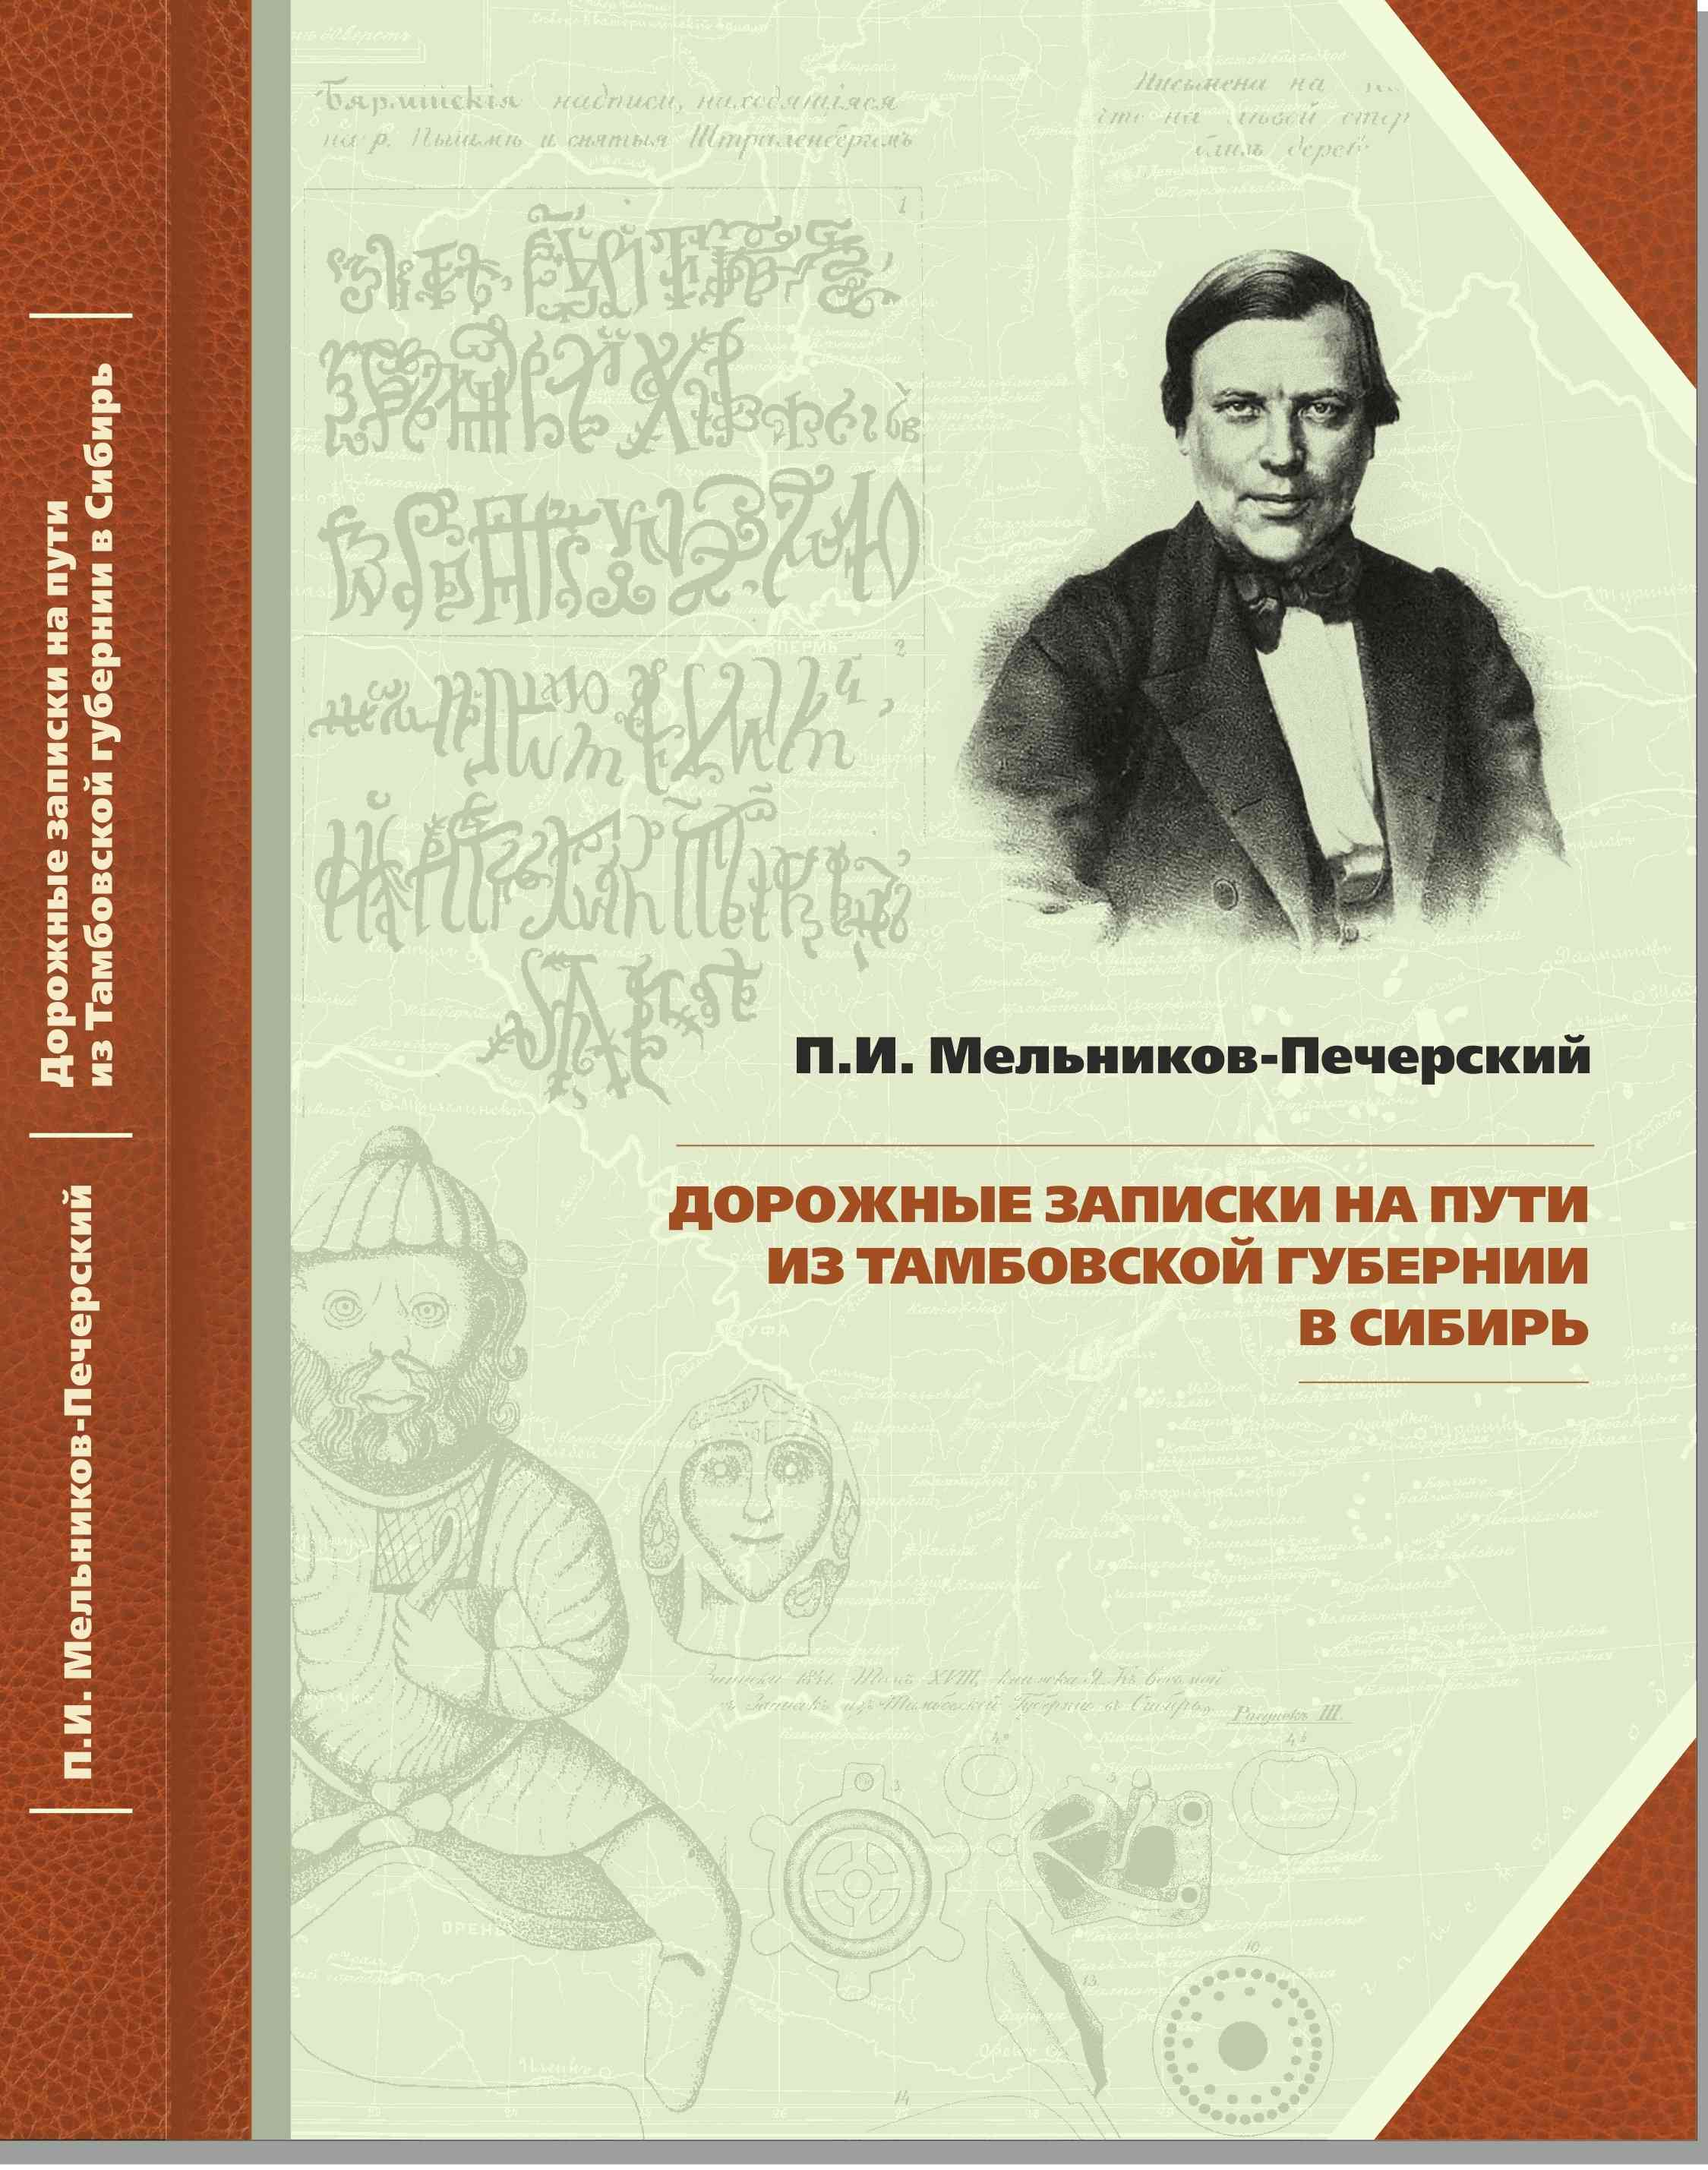 «Дорожные записки» П.И.Мельникова-Печерского